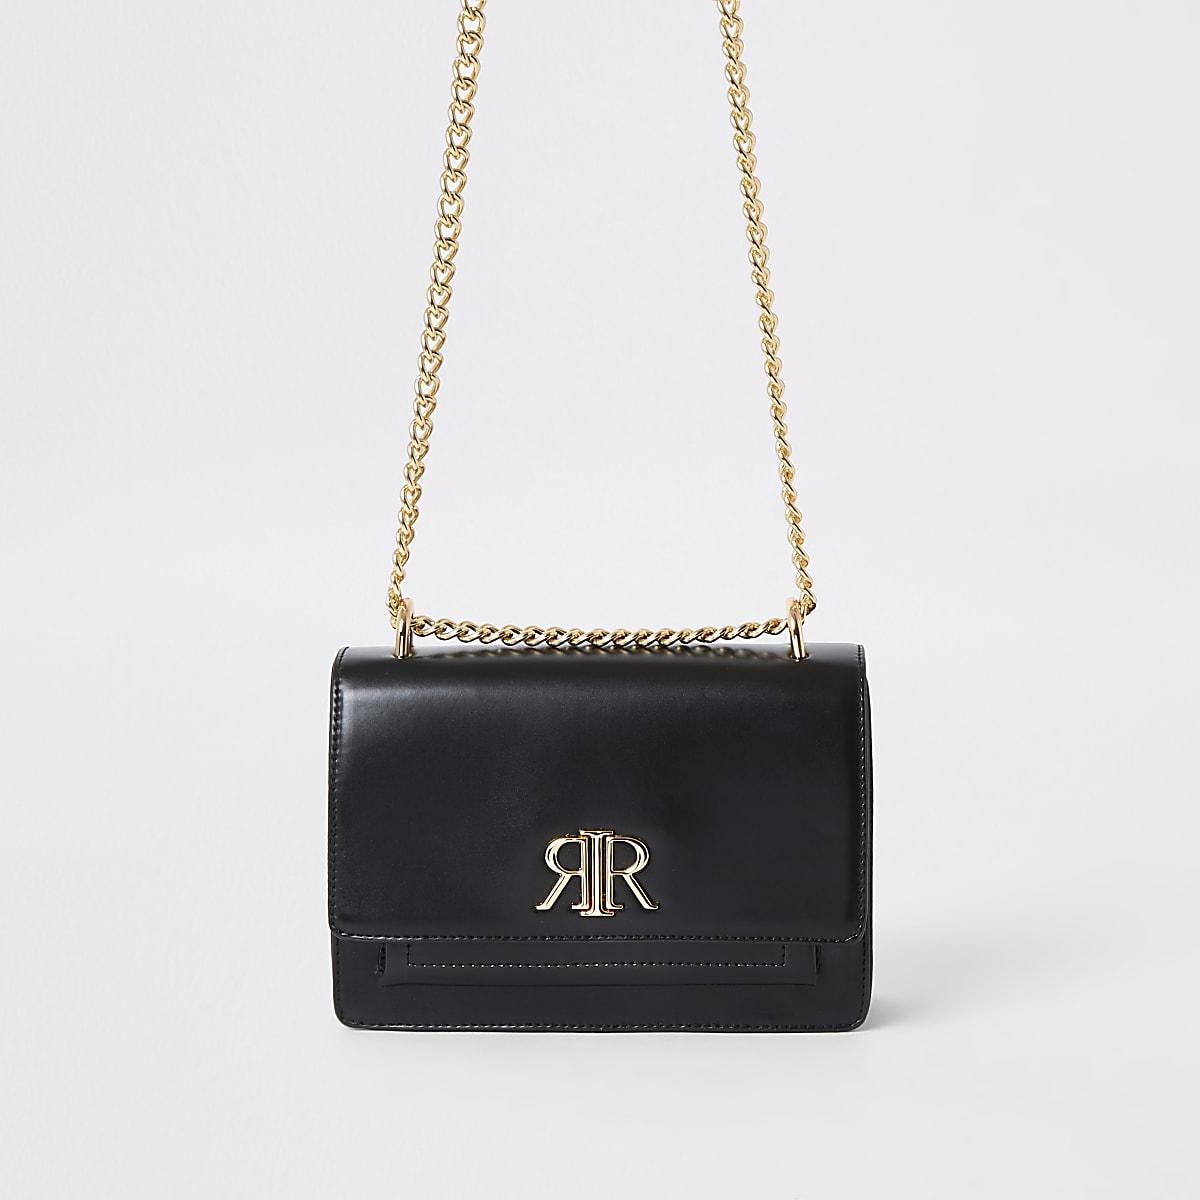 Schwarze Tasche mit RI-Logo